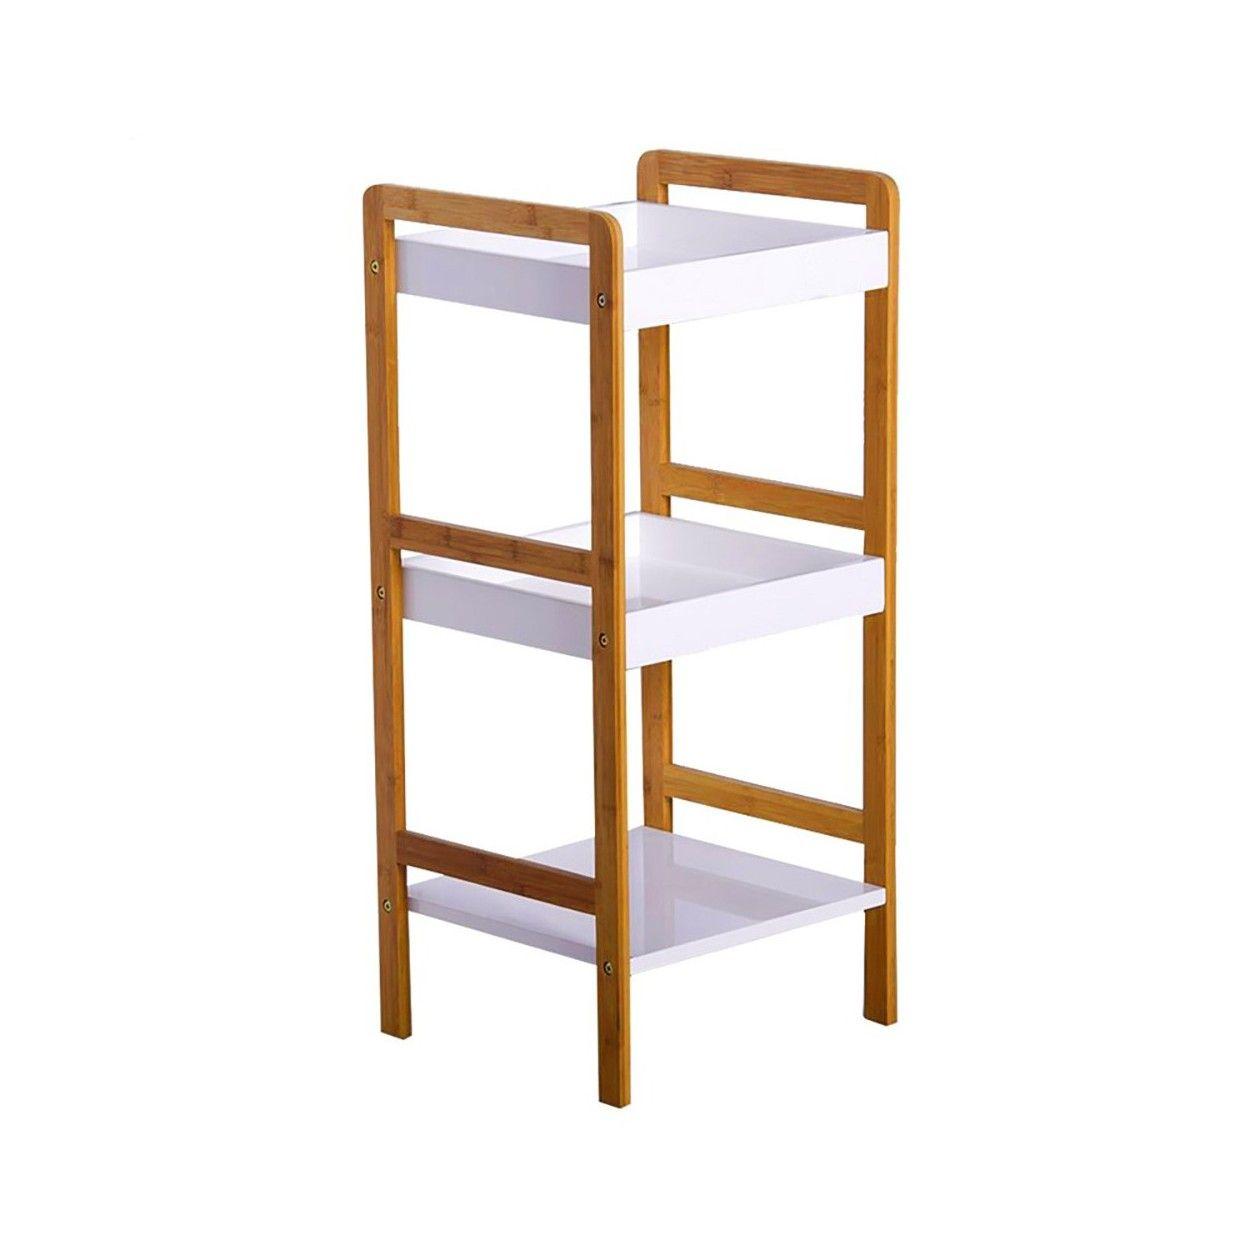 Estanter a de bamb tres niveles 33 50x33x80 hogar y m s for Estanterias de bambu para bano